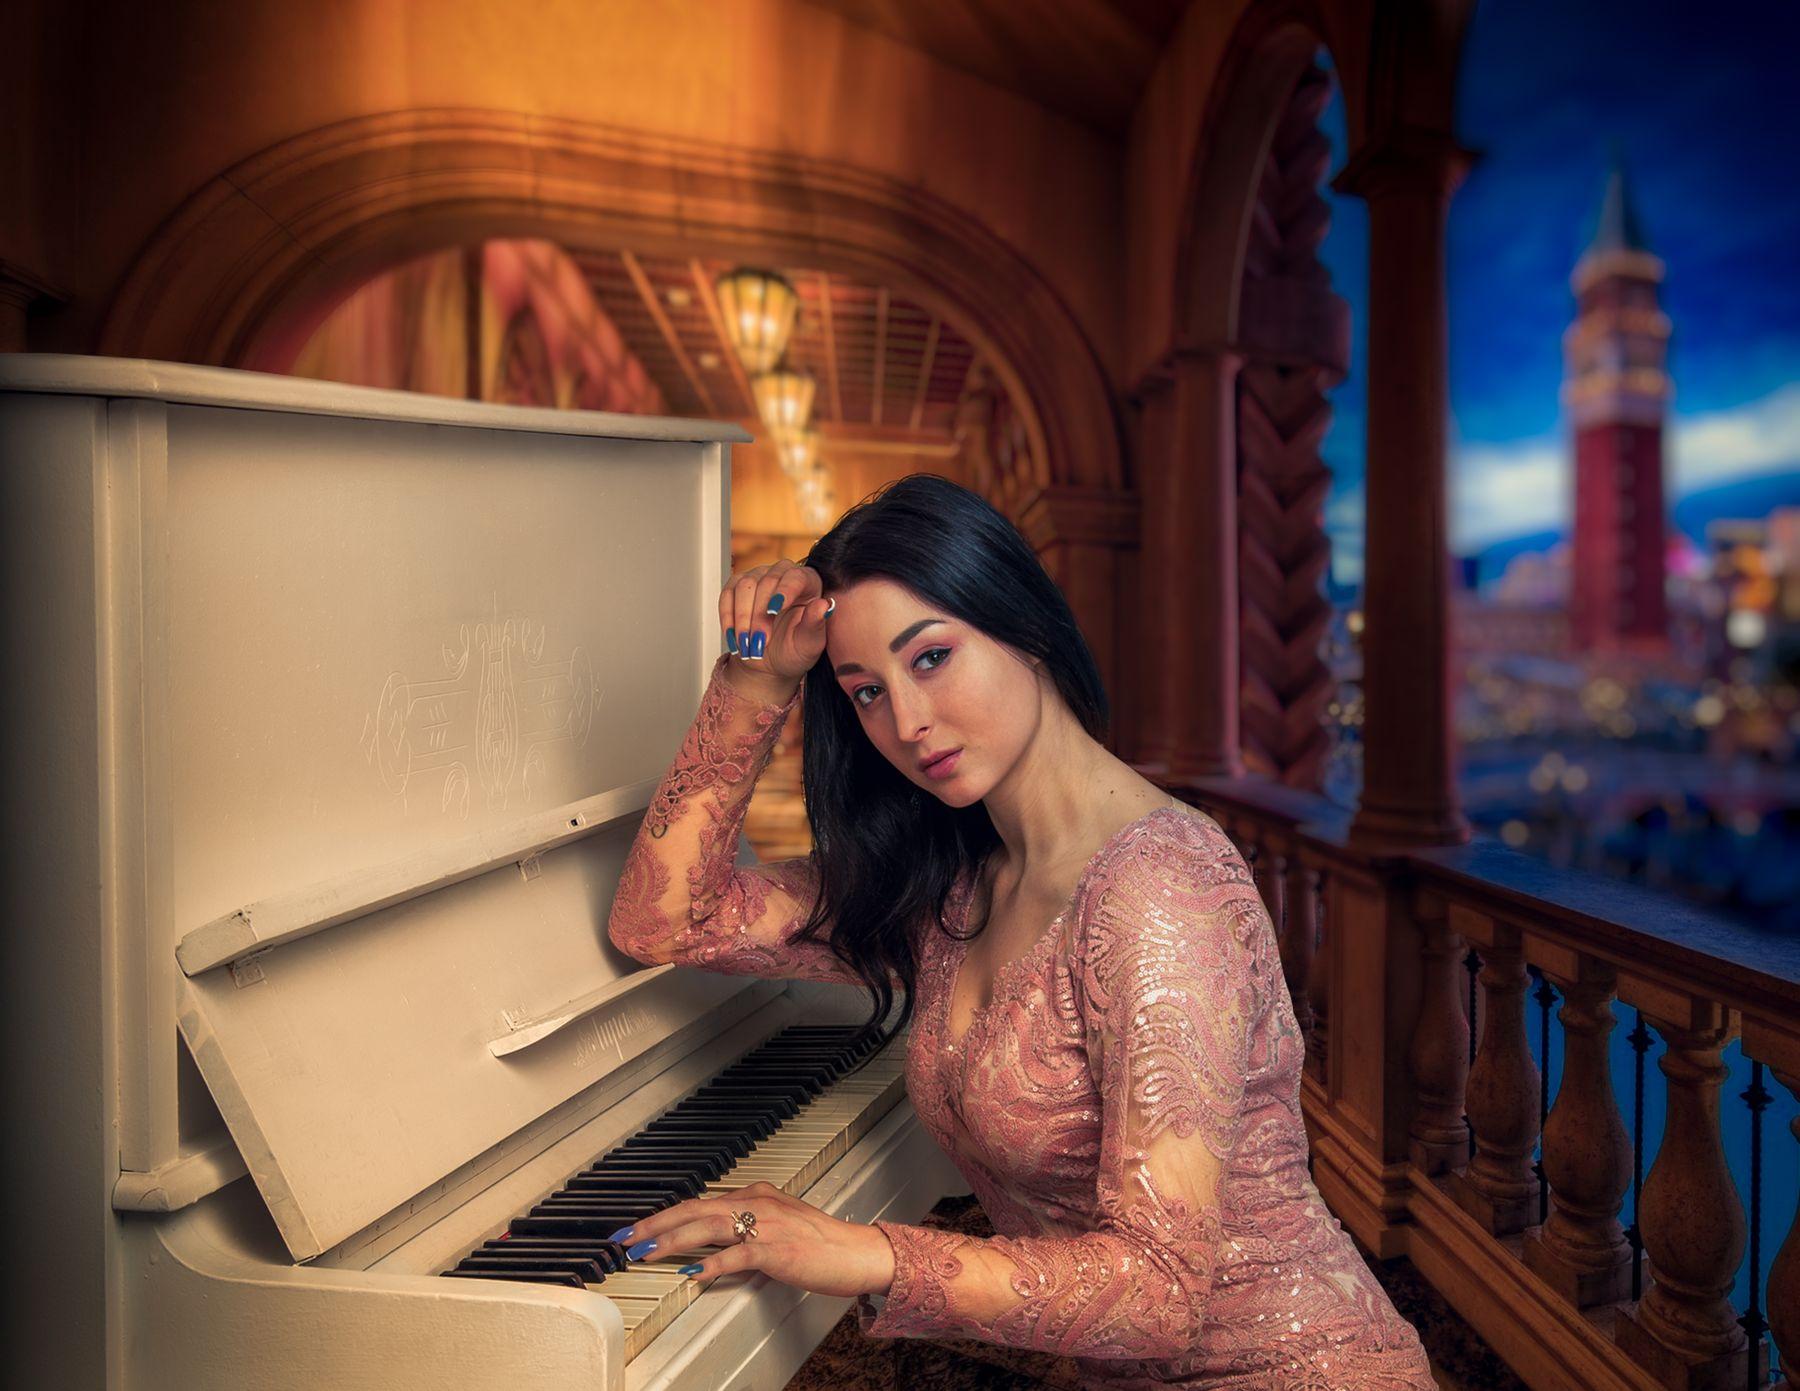 Виолетта Женский портрет студийный красивая девушка будуар